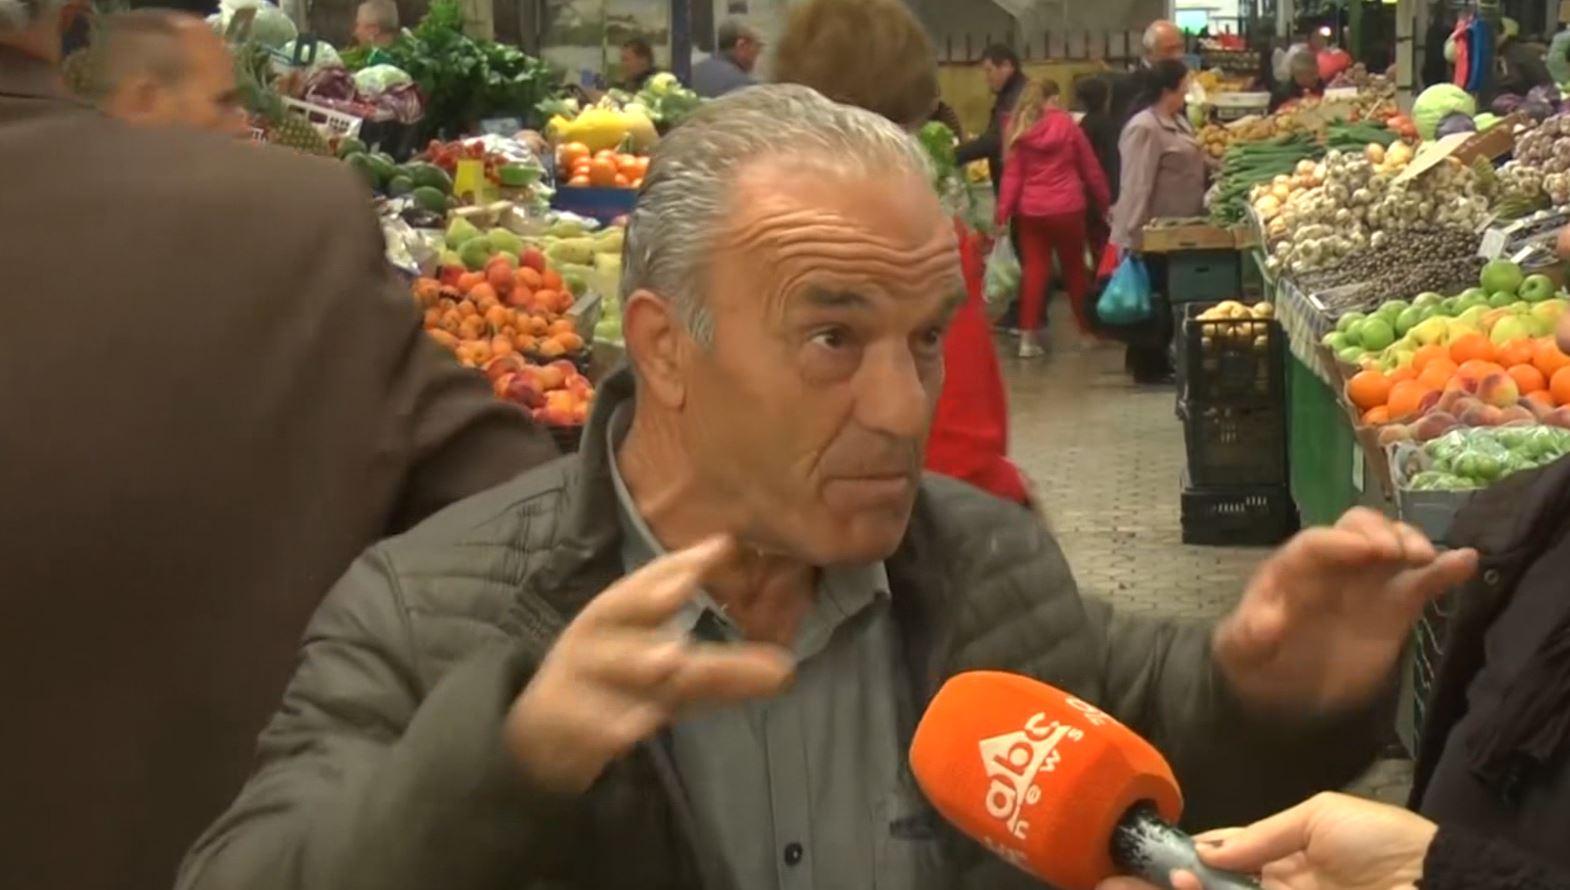 Durrës, banorët kërkojnë kontrolle të rrepta për ushqimet